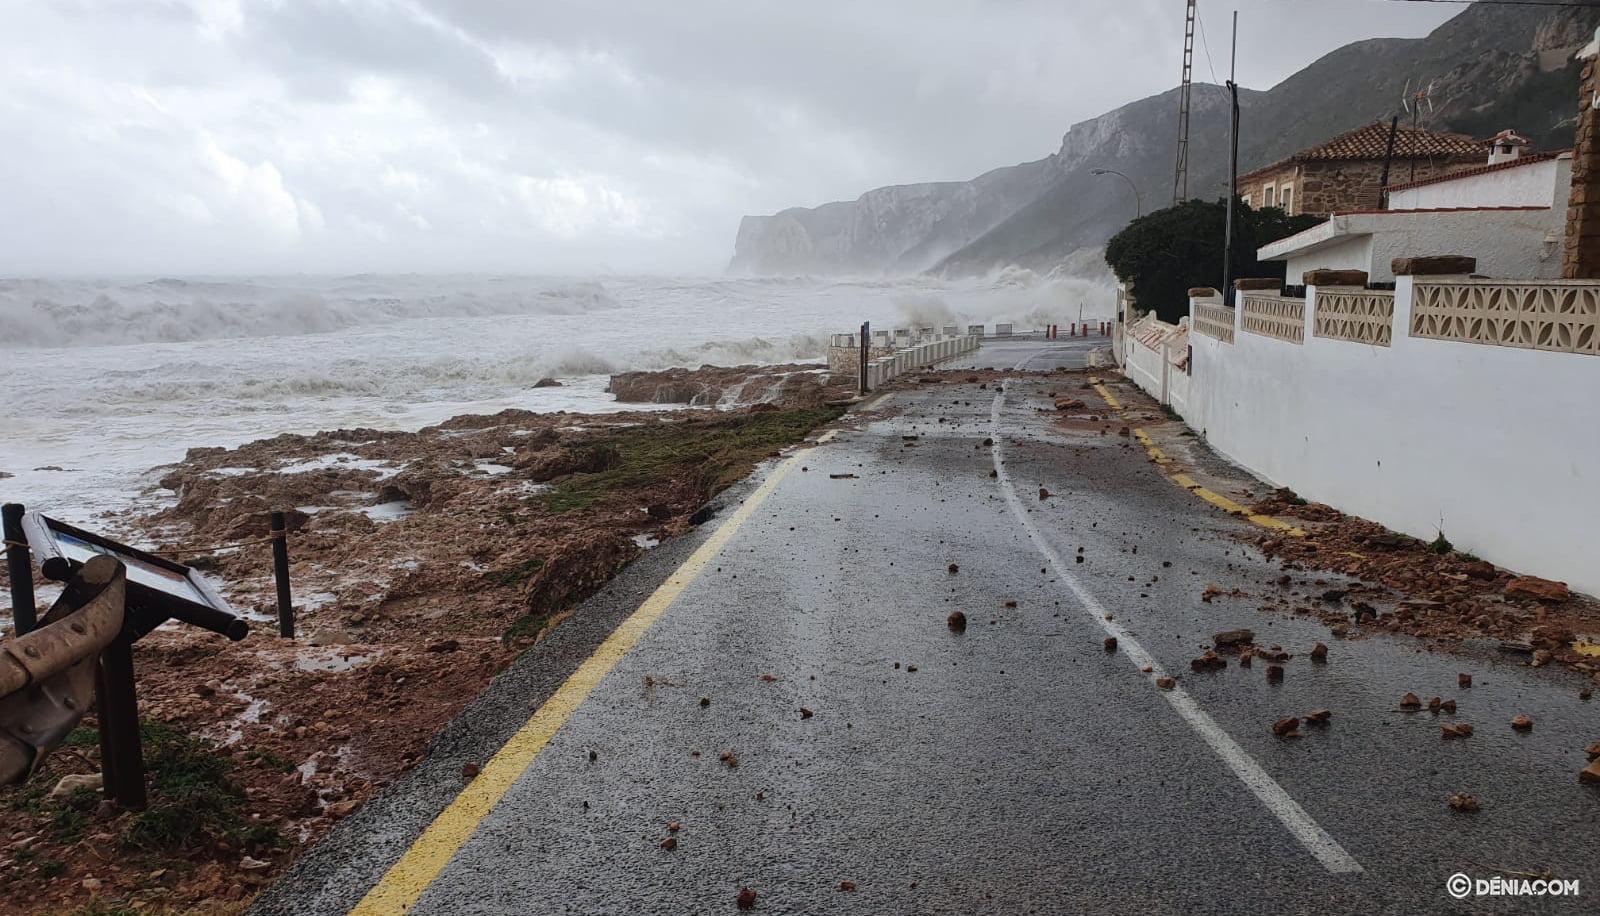 Les roches envahissent la route